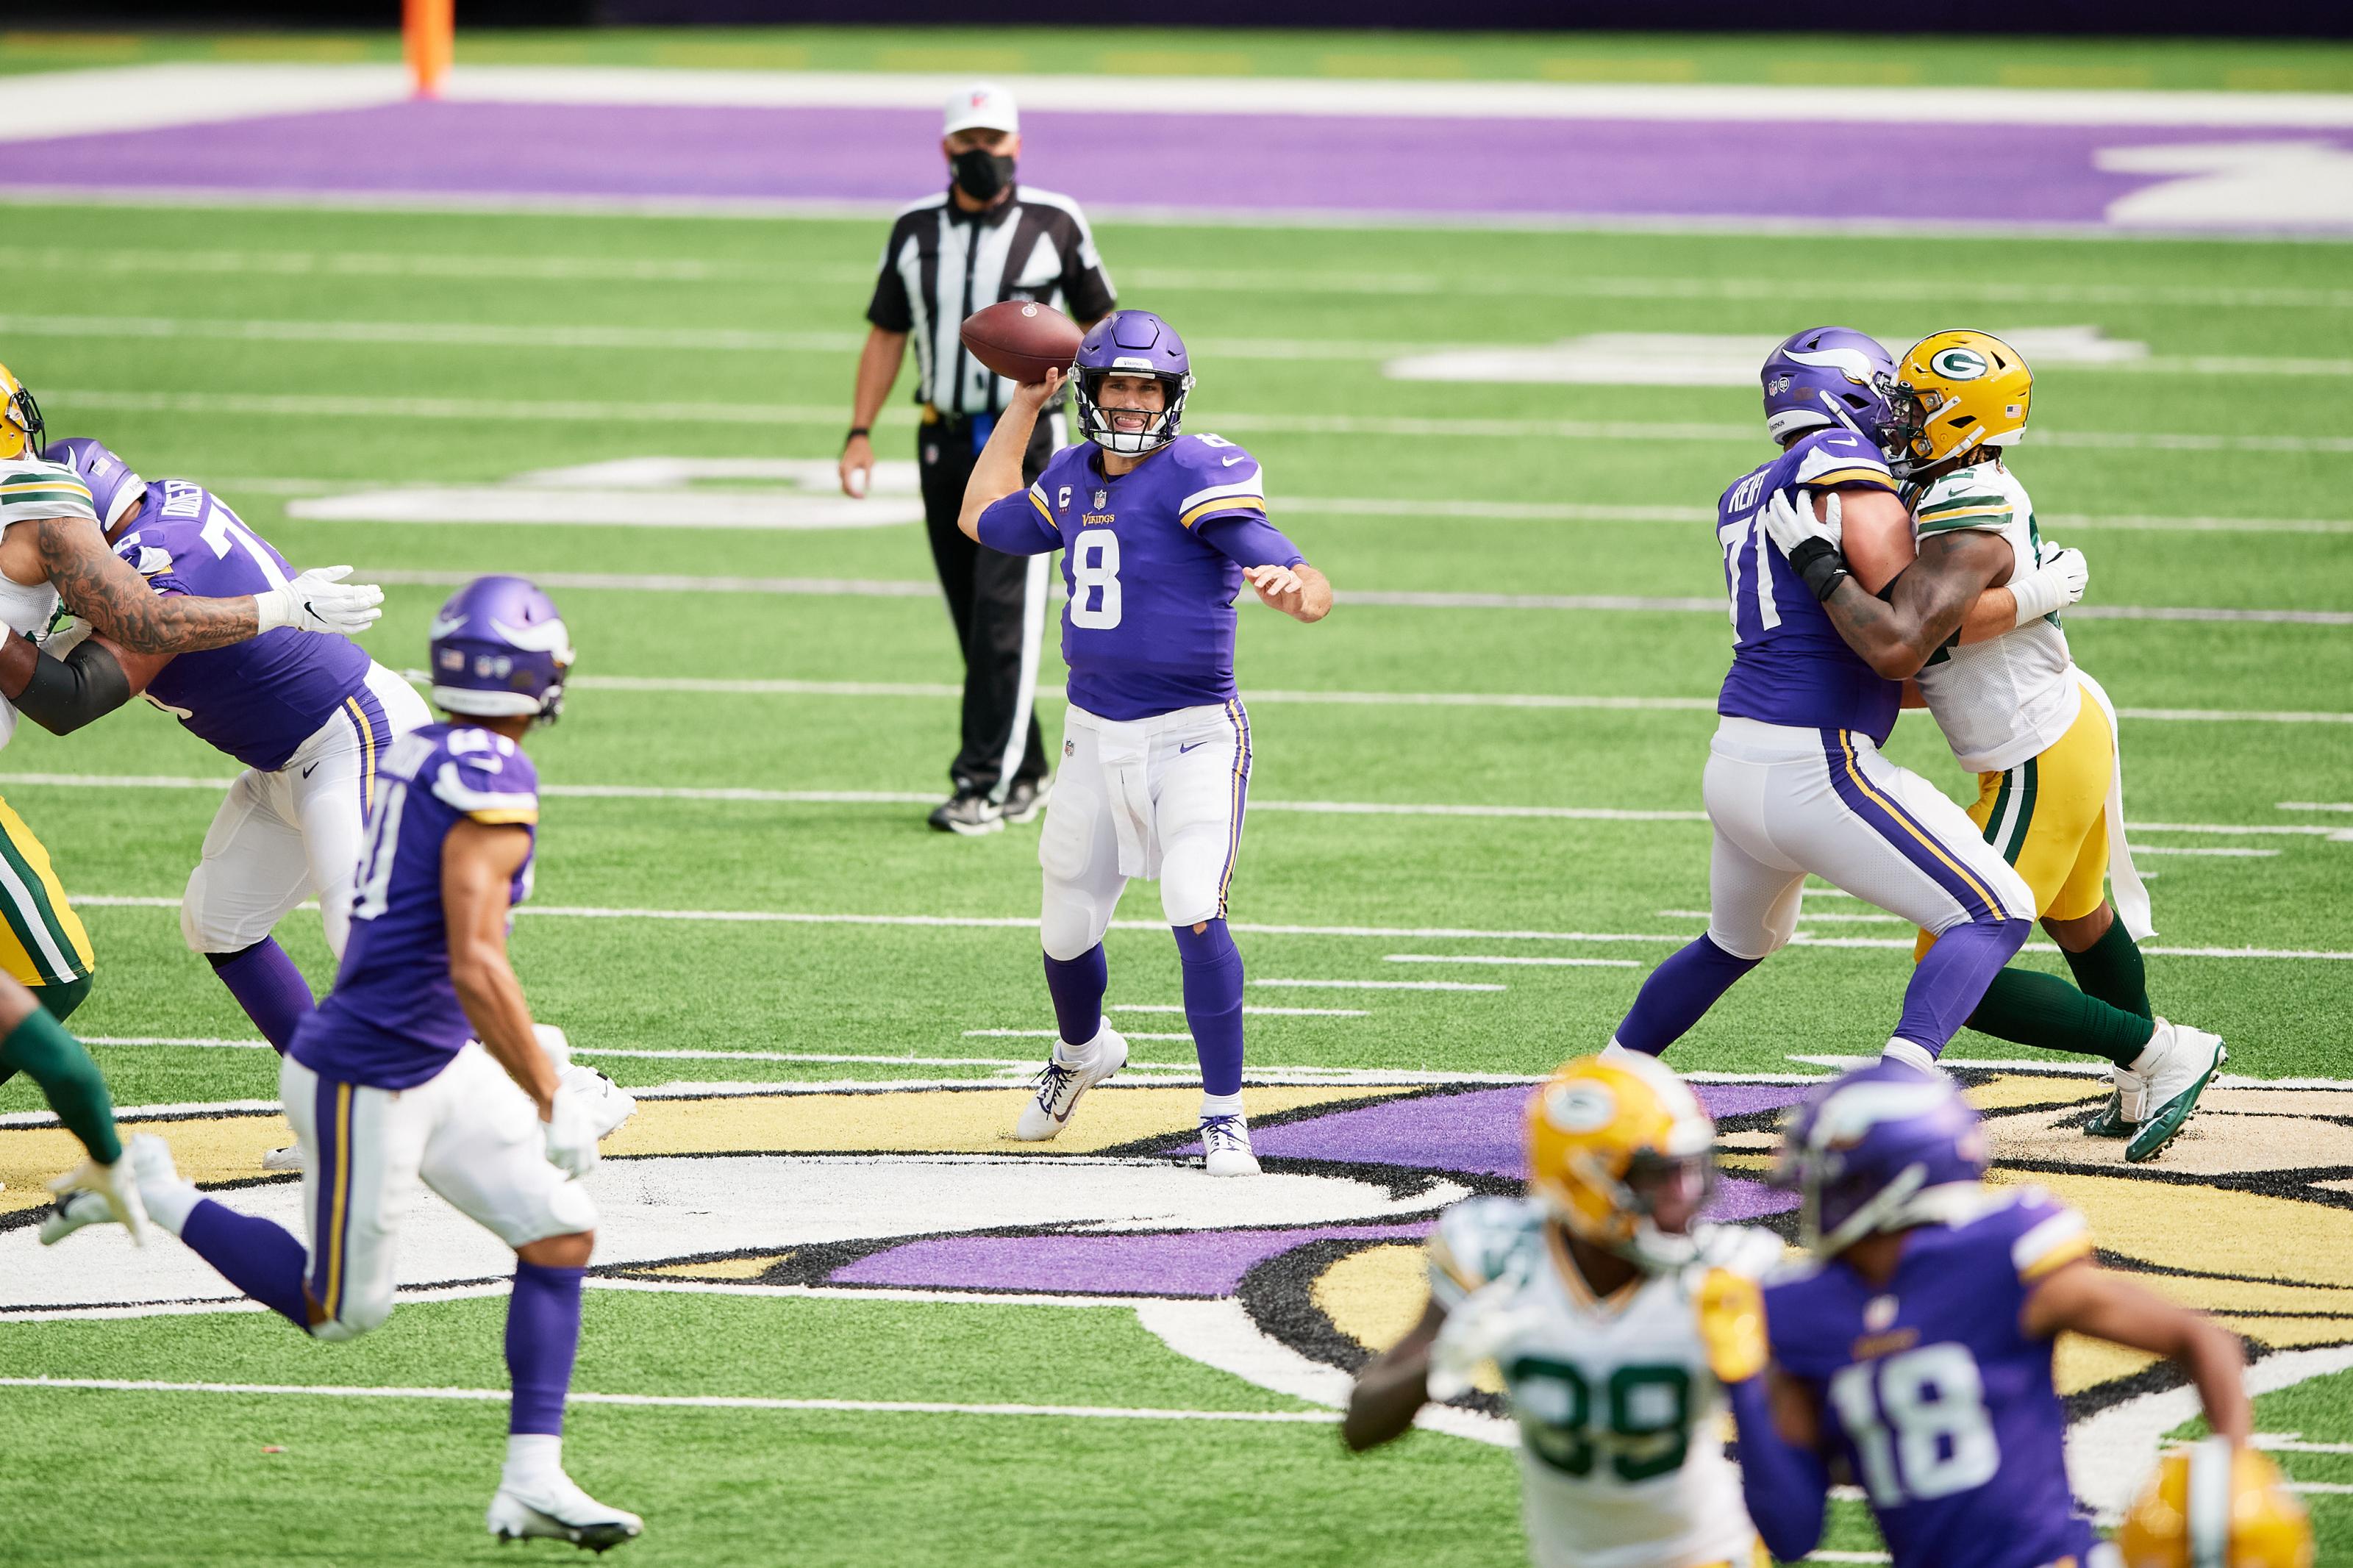 Vikings Vs Colts Nfl Live Stream Reddit For Week 2